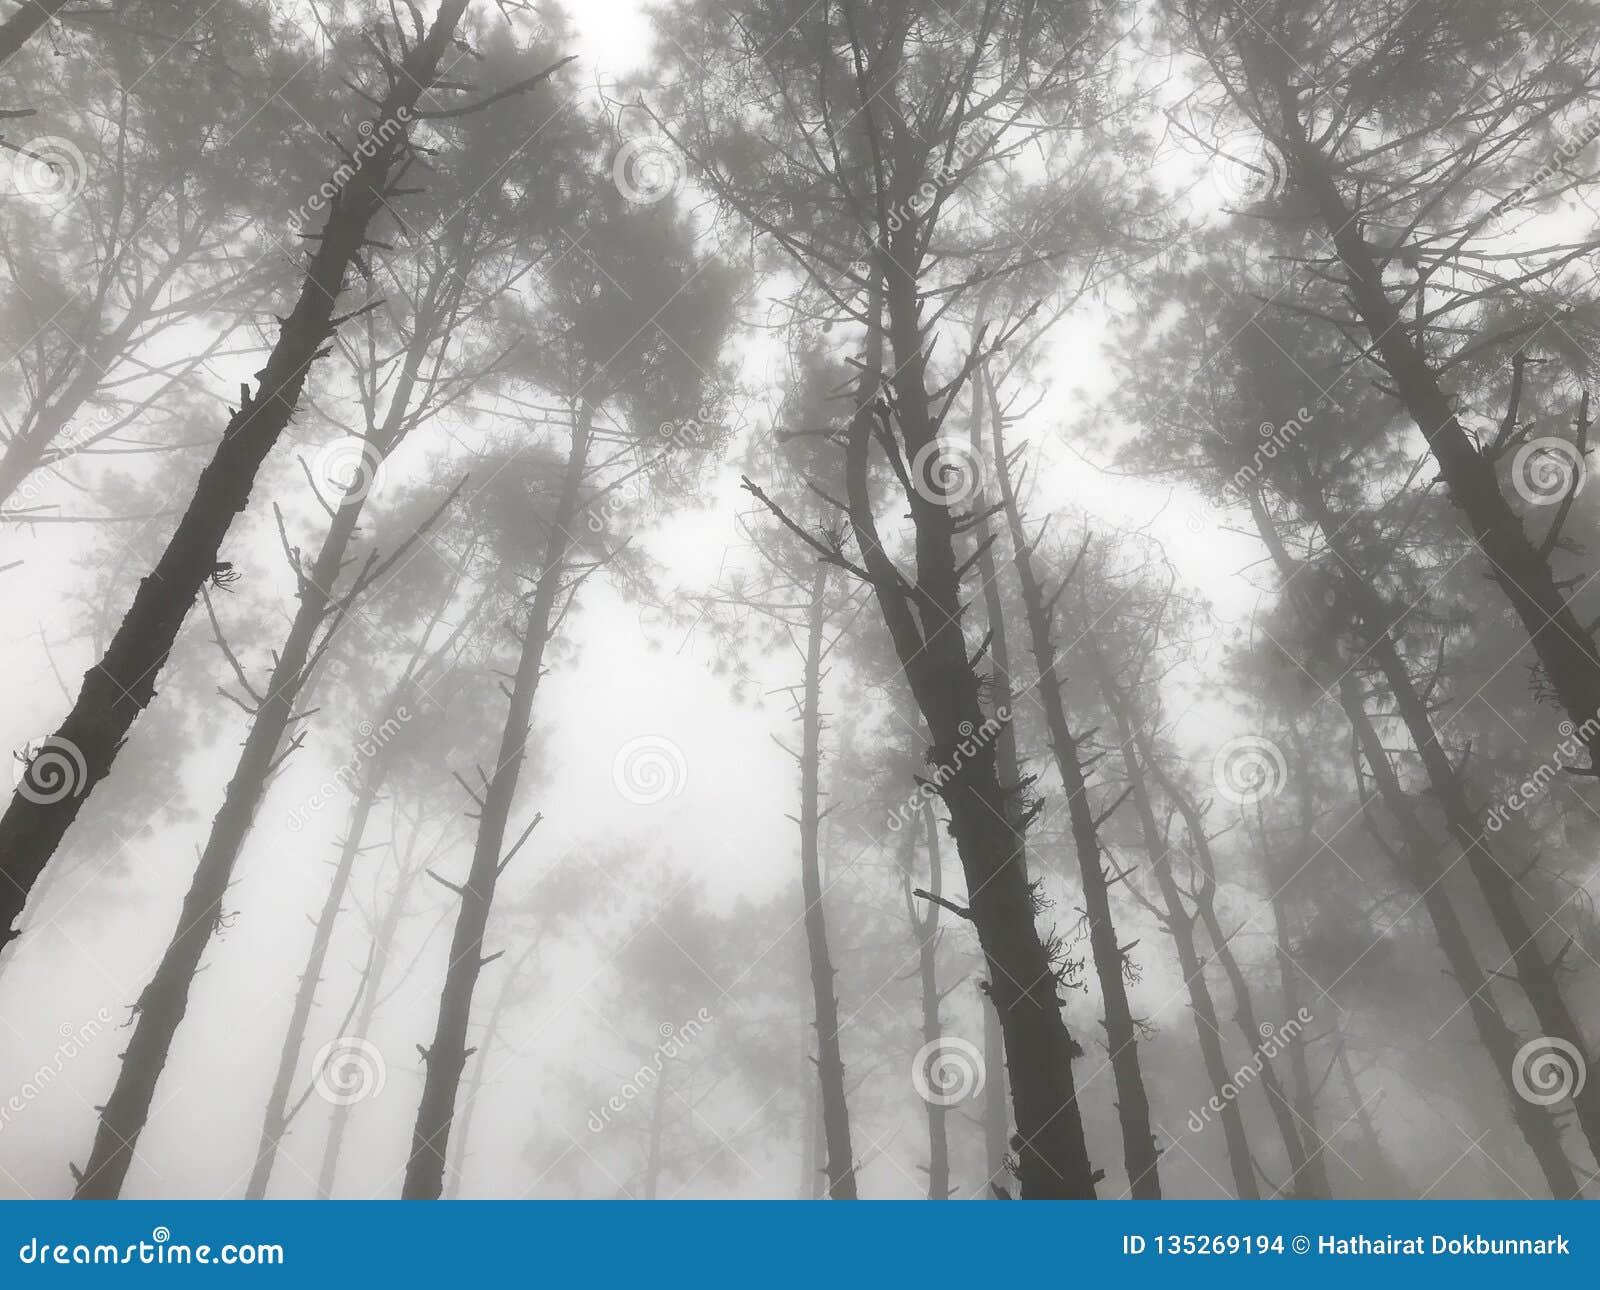 Nebeliger Kieferwald mit dem Strömen des Lichtes